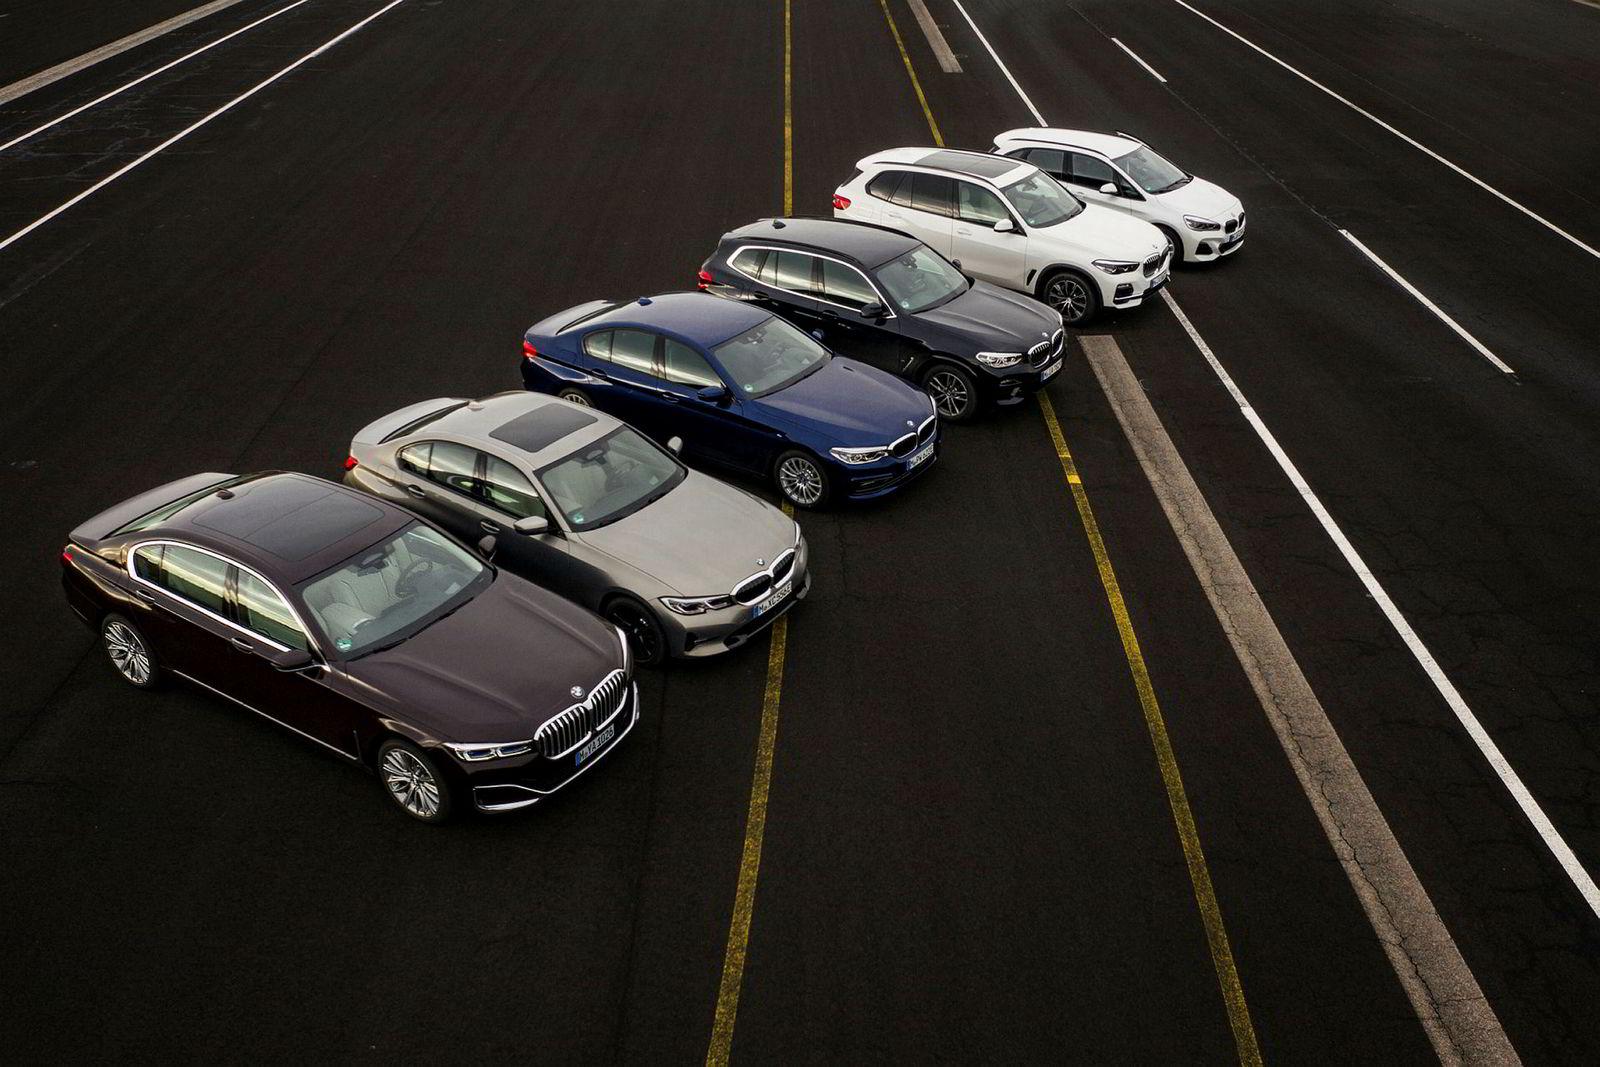 BMWs ladbare hybrider: 745e, 530e, 330e, X3 30e, X5 45e og 225ex.